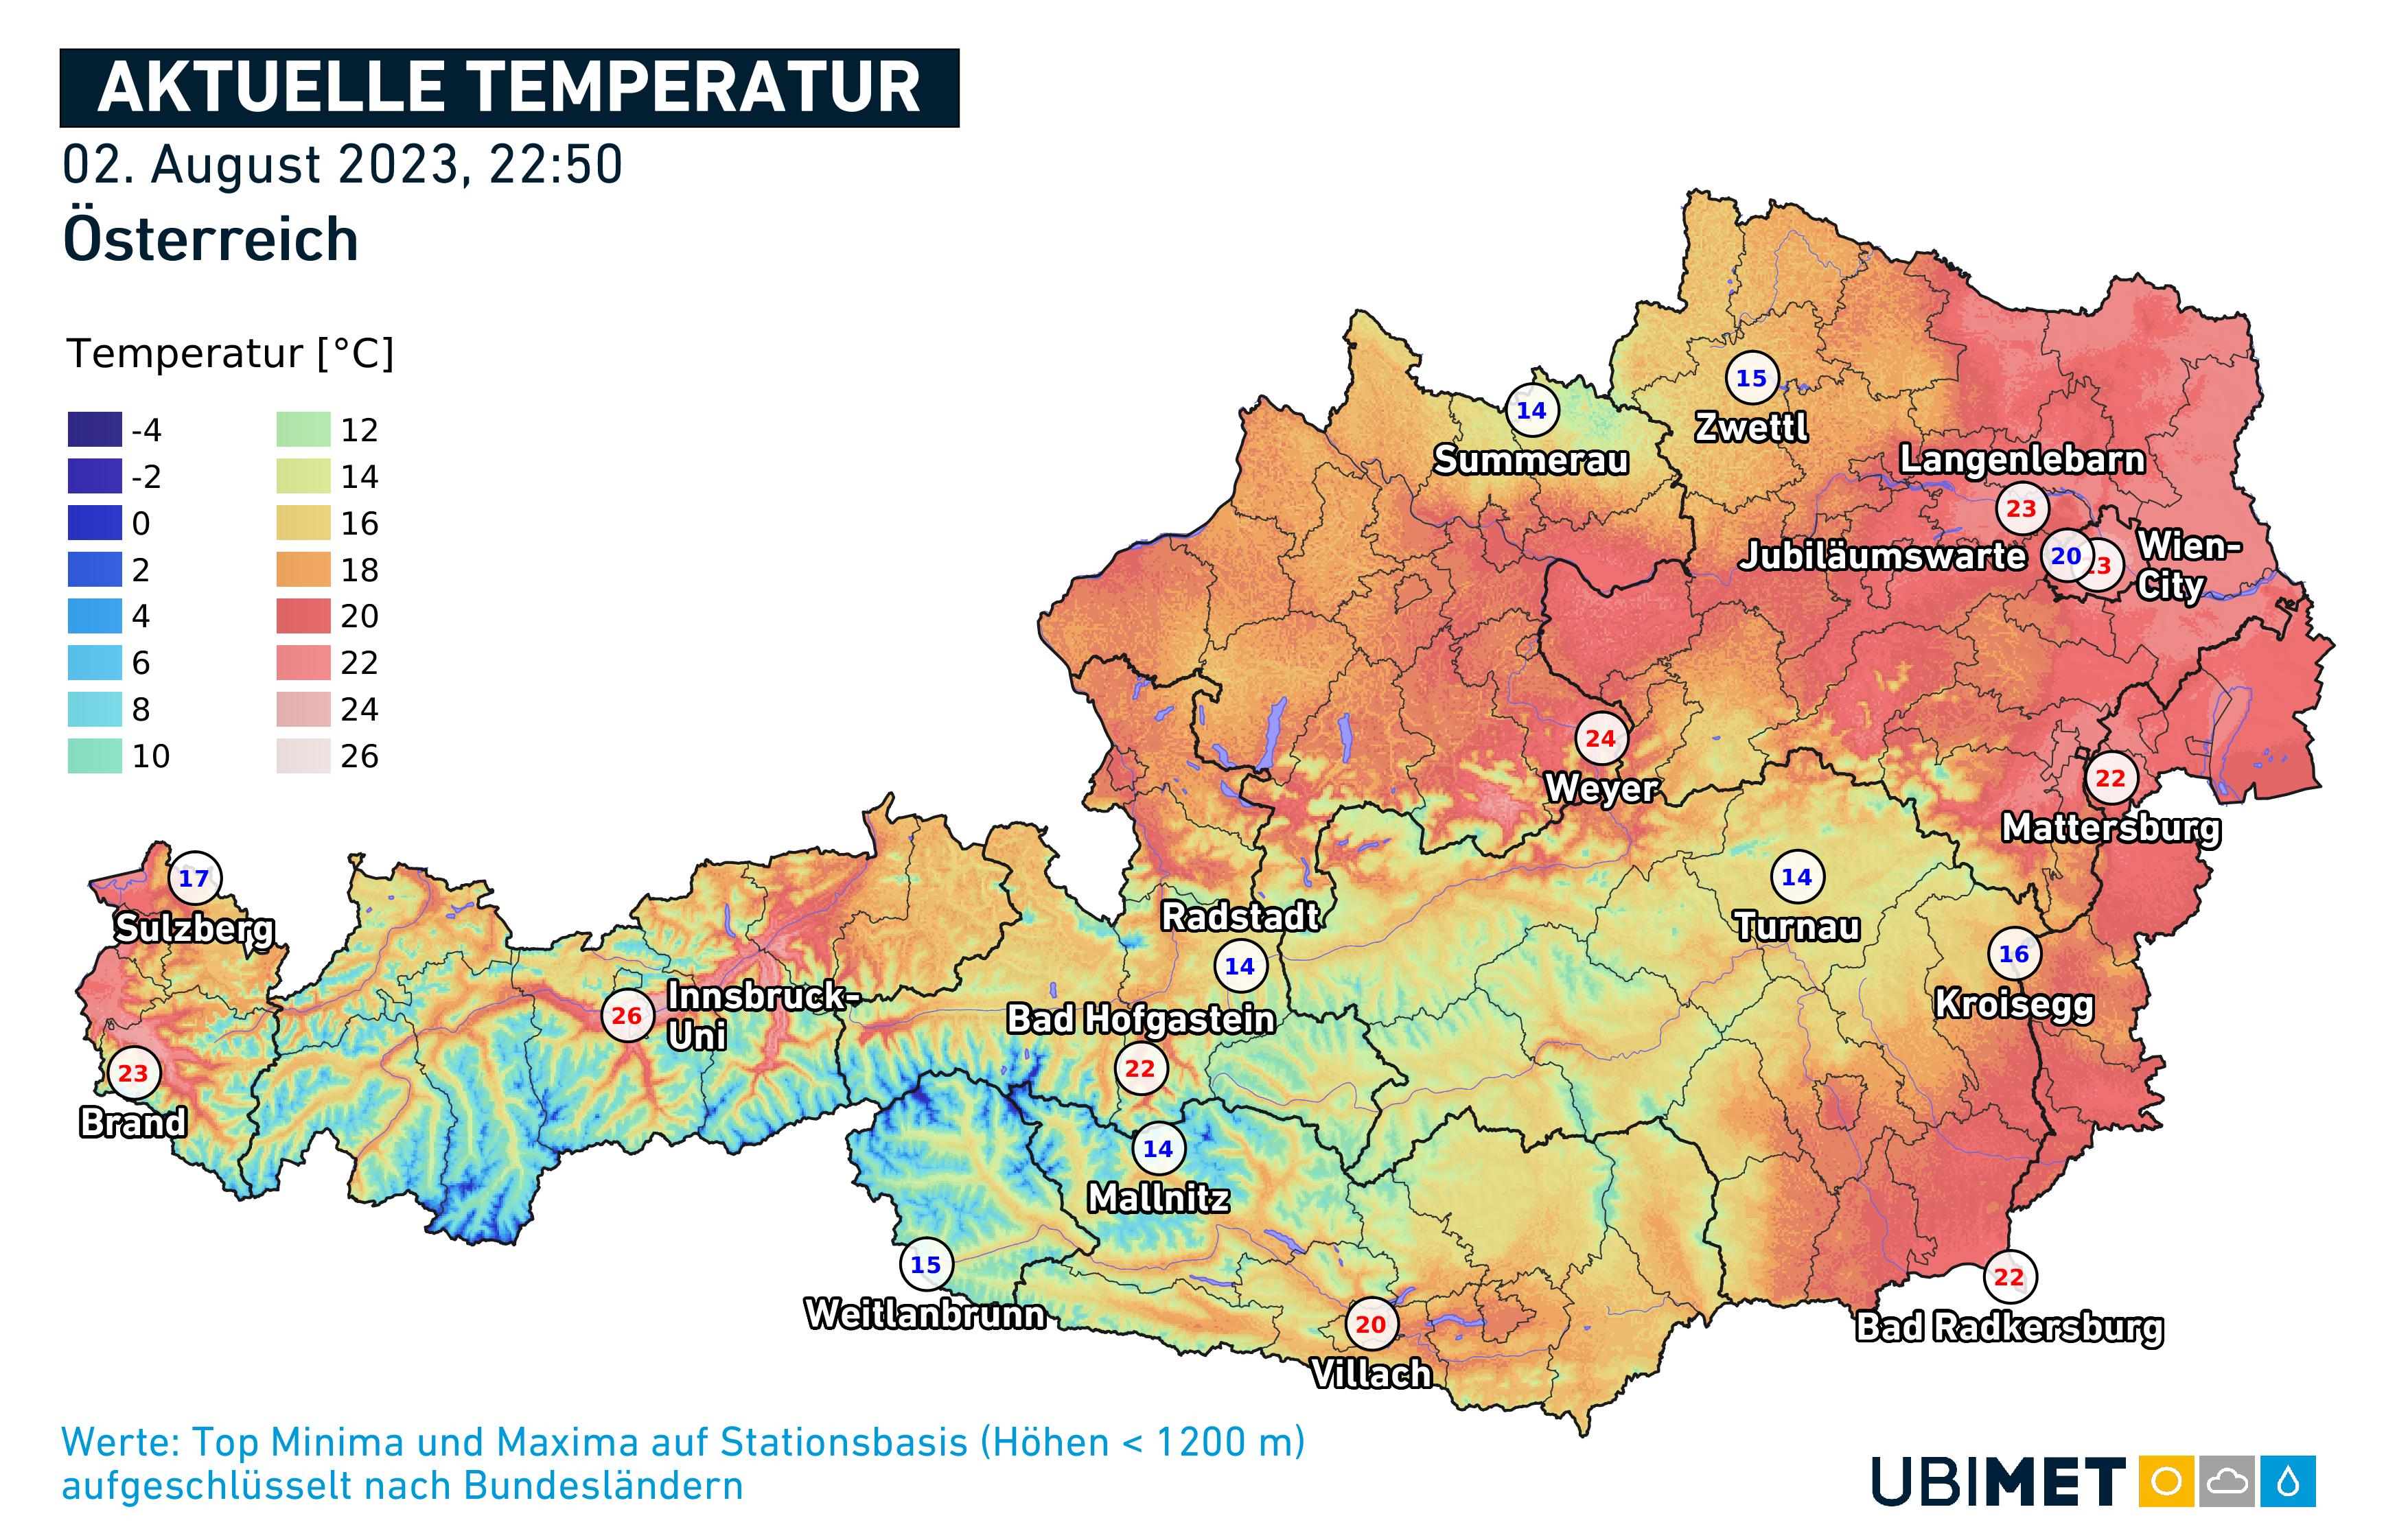 Wetter heute in Wien, Niederösterreich, Oberösterreich, Salzburg, Tirol, Vorarlberg, Kärnten, Steiermark